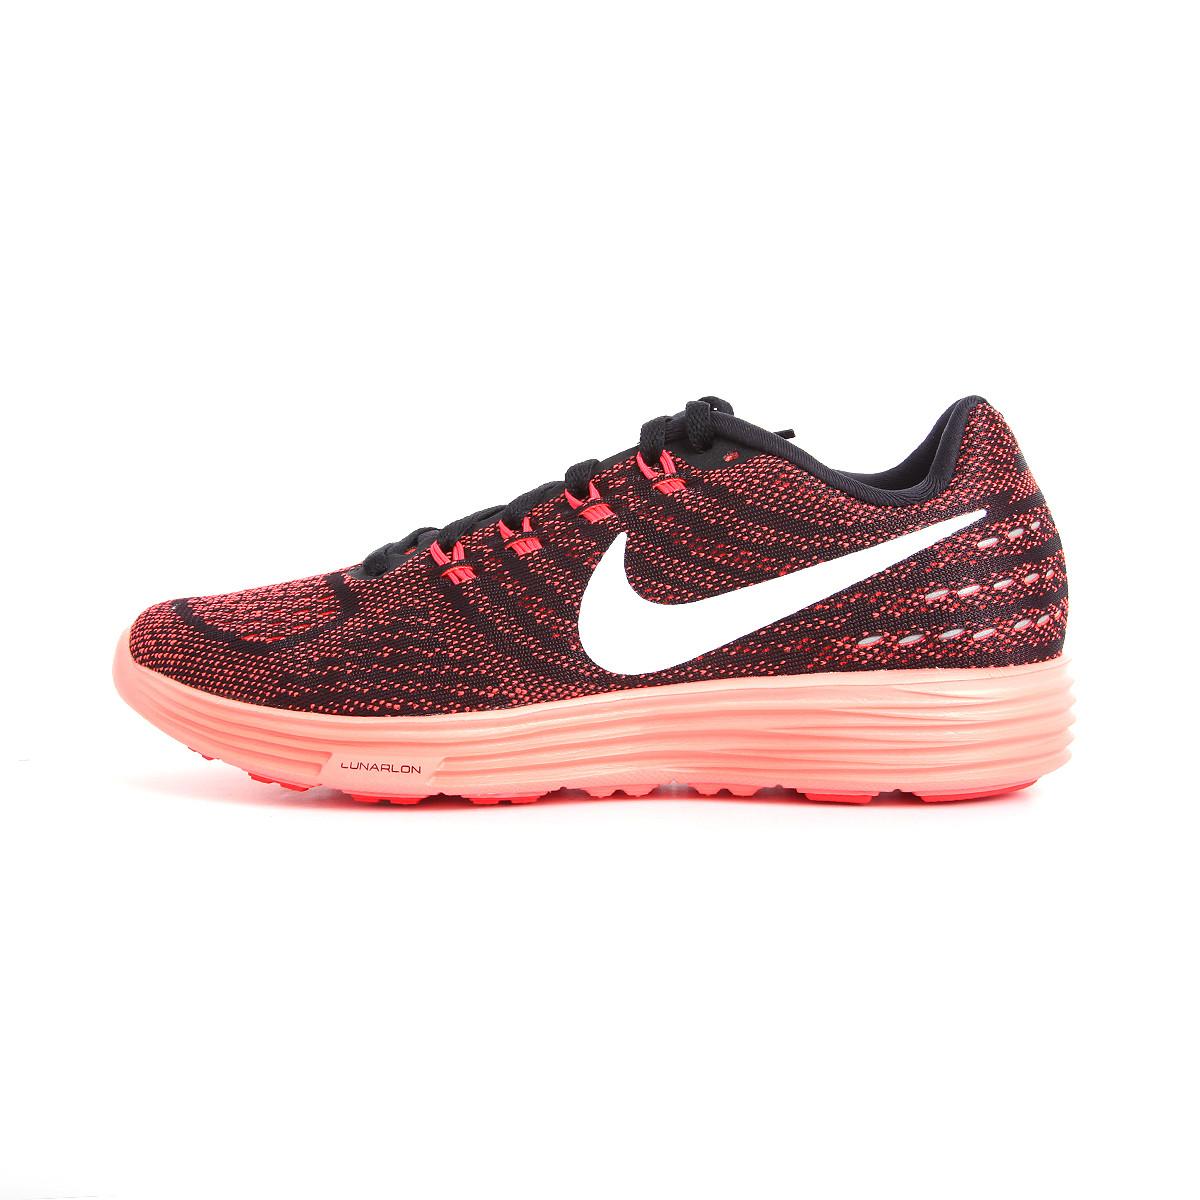 Женские кроссовки для бега Nike wmns lunartempo 2 (Артикул: 818098-600)